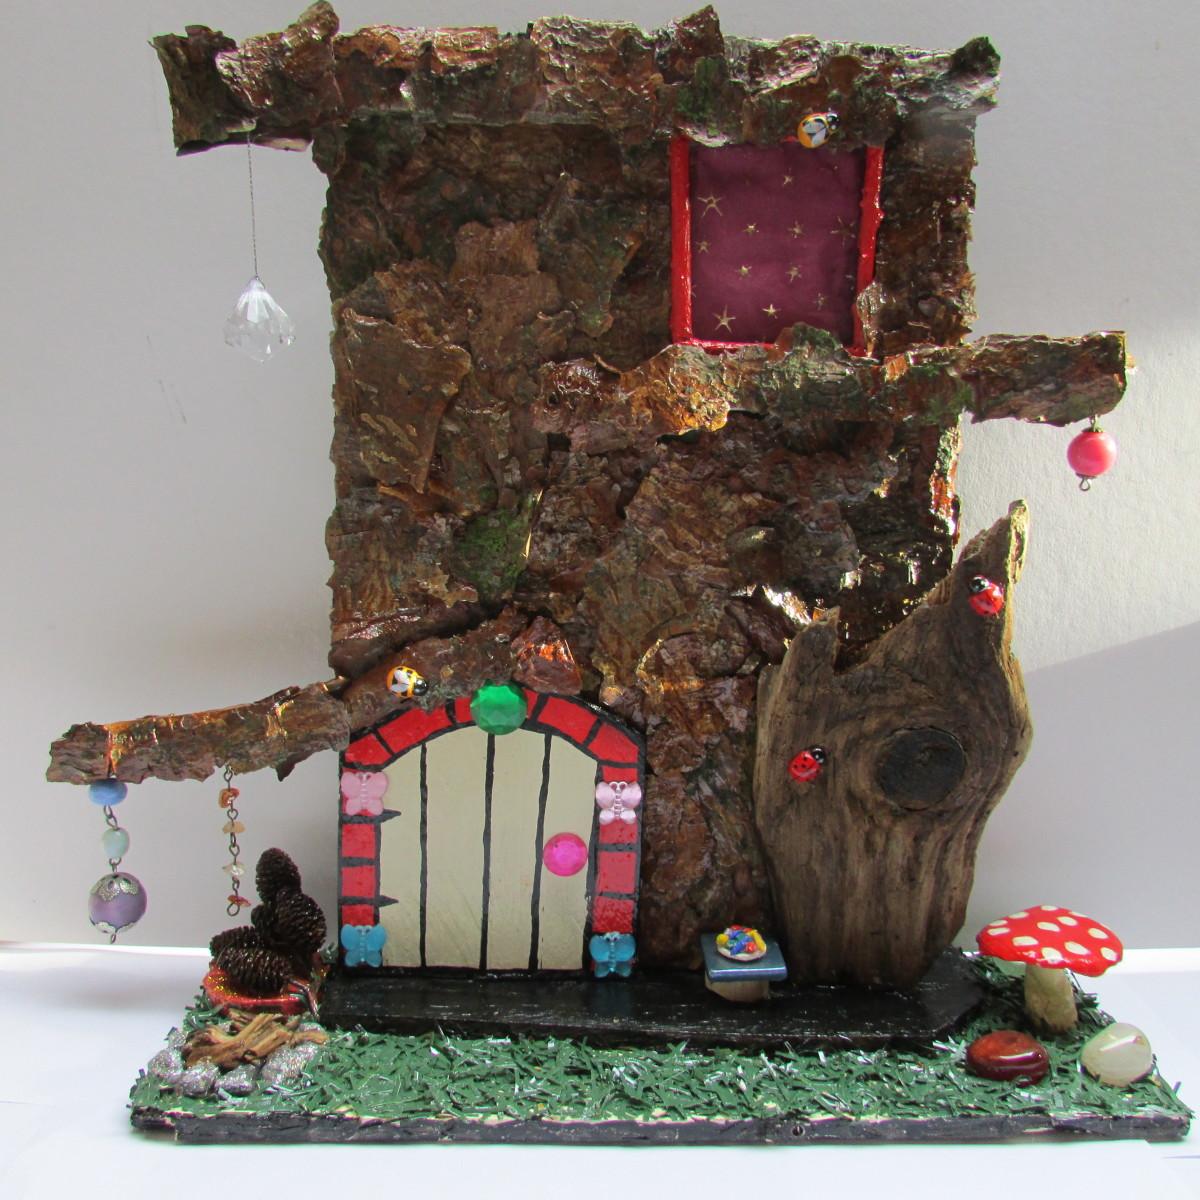 My Fairy Tree House